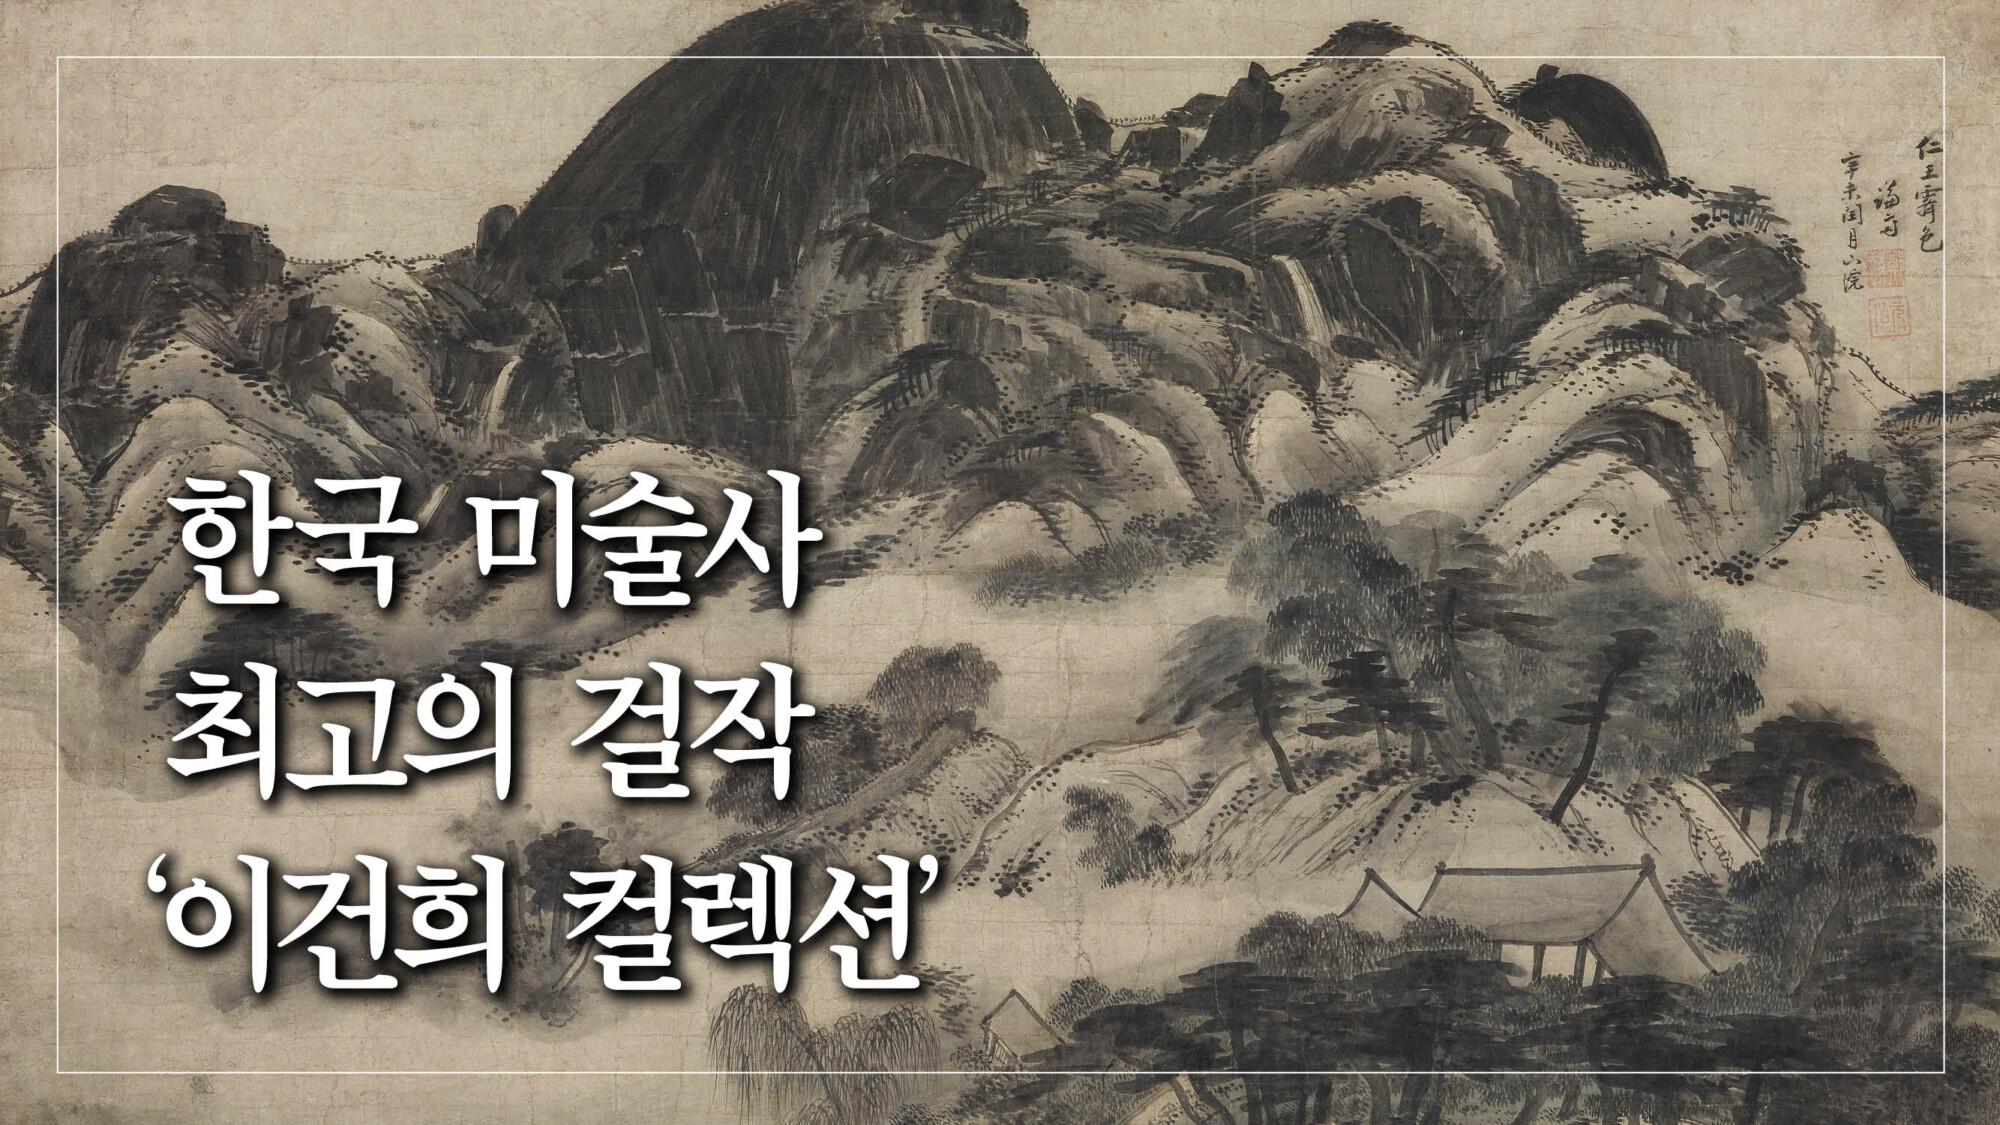 100년만에 나타난 '무릉도원'...한국 미술사 최고의 걸작 '이건희 컬렉션'